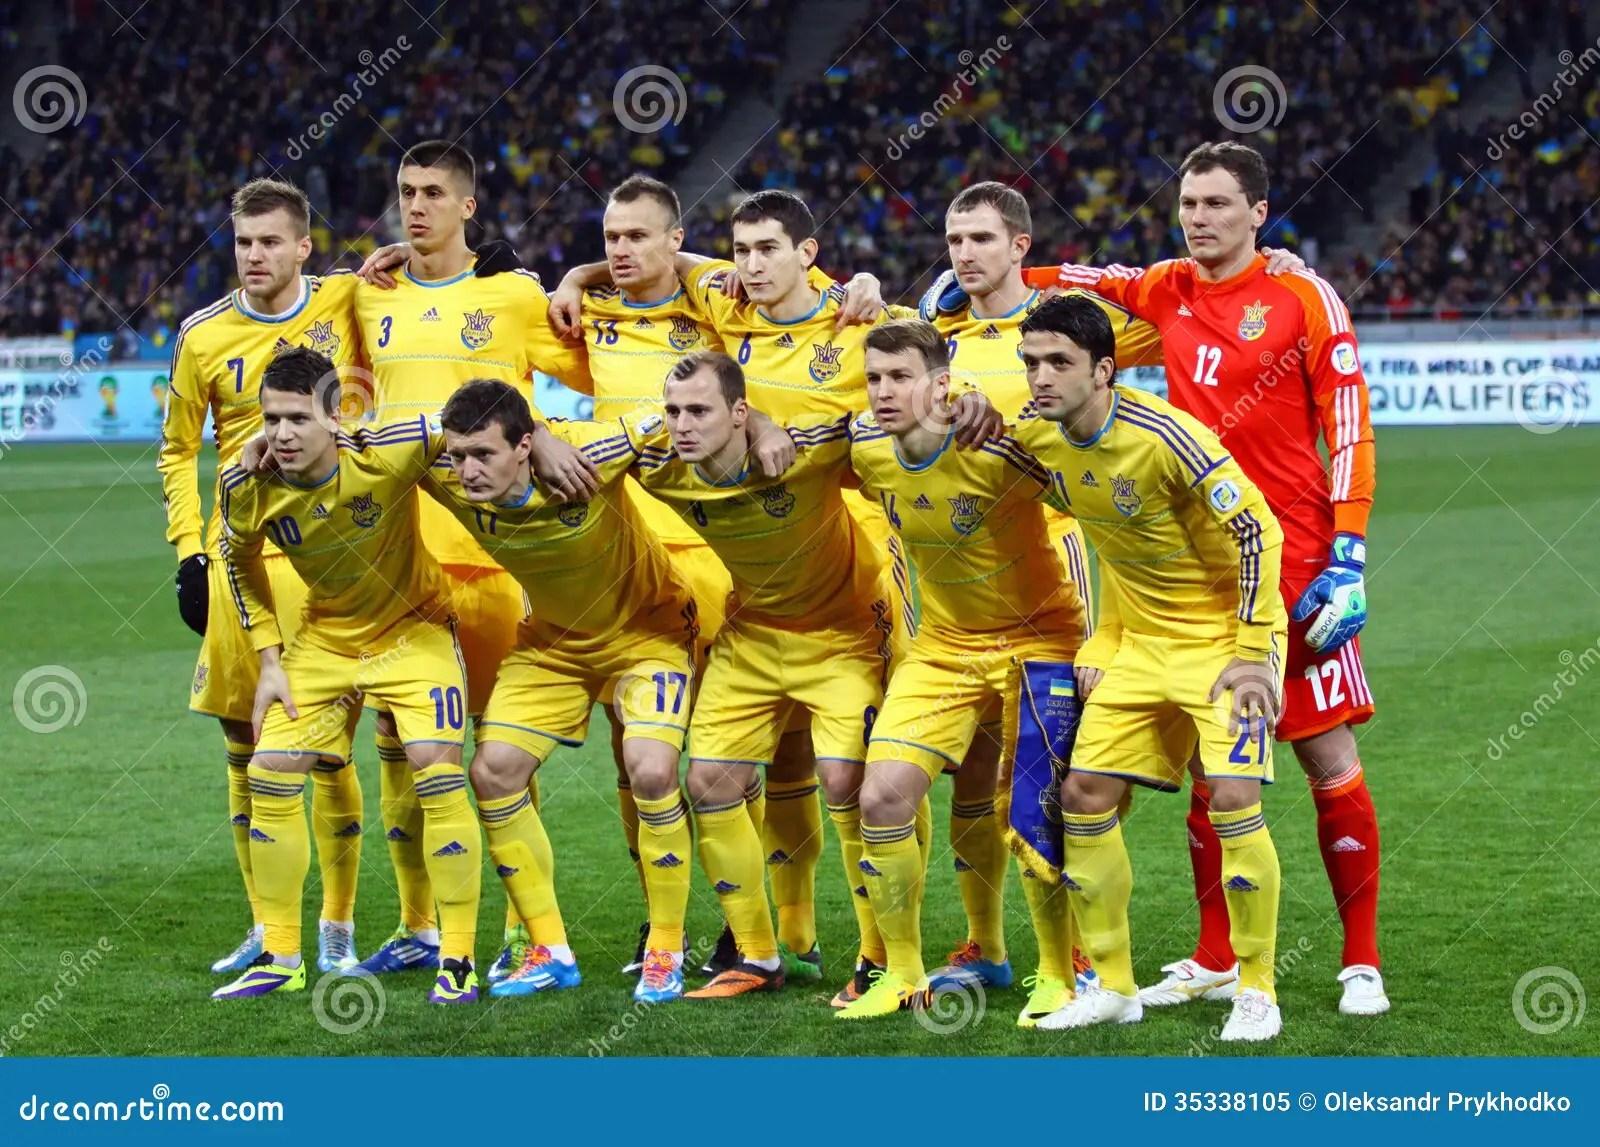 Ukraine Football Team 10